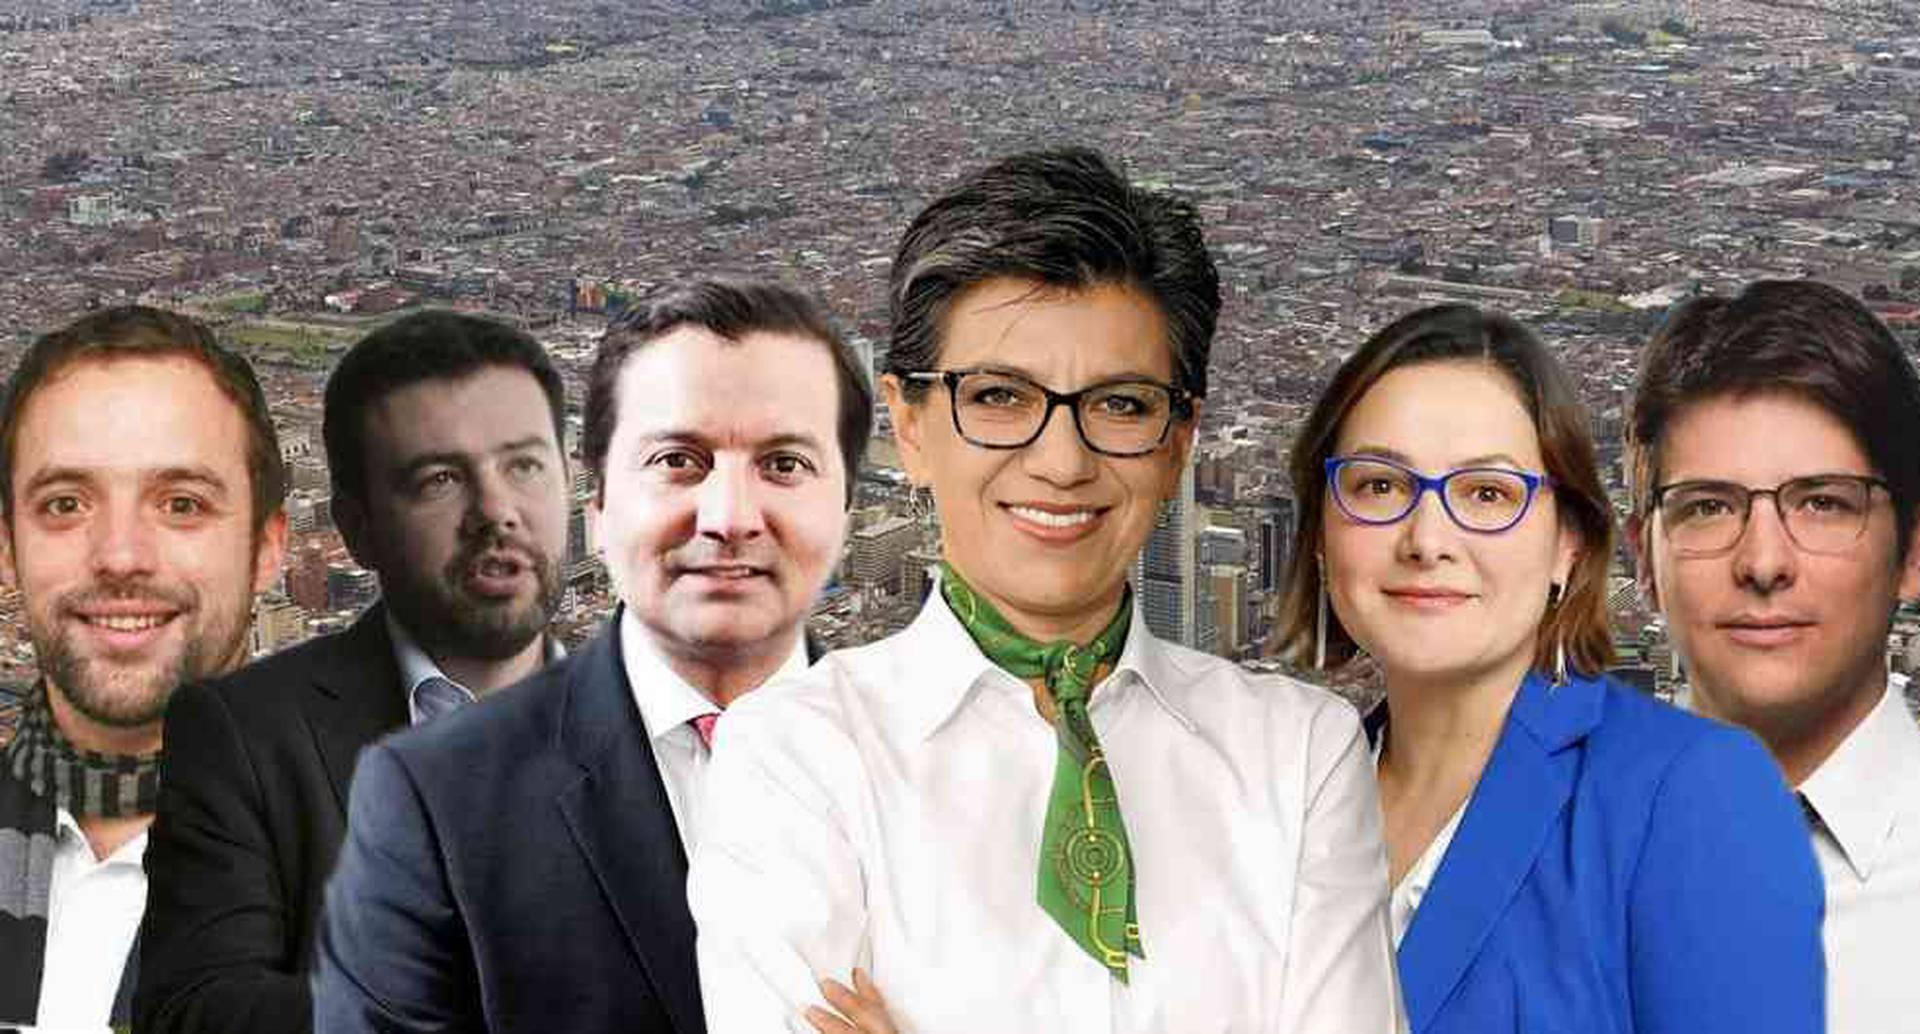 Los candidatos a la Alcaldía de Bogotá.